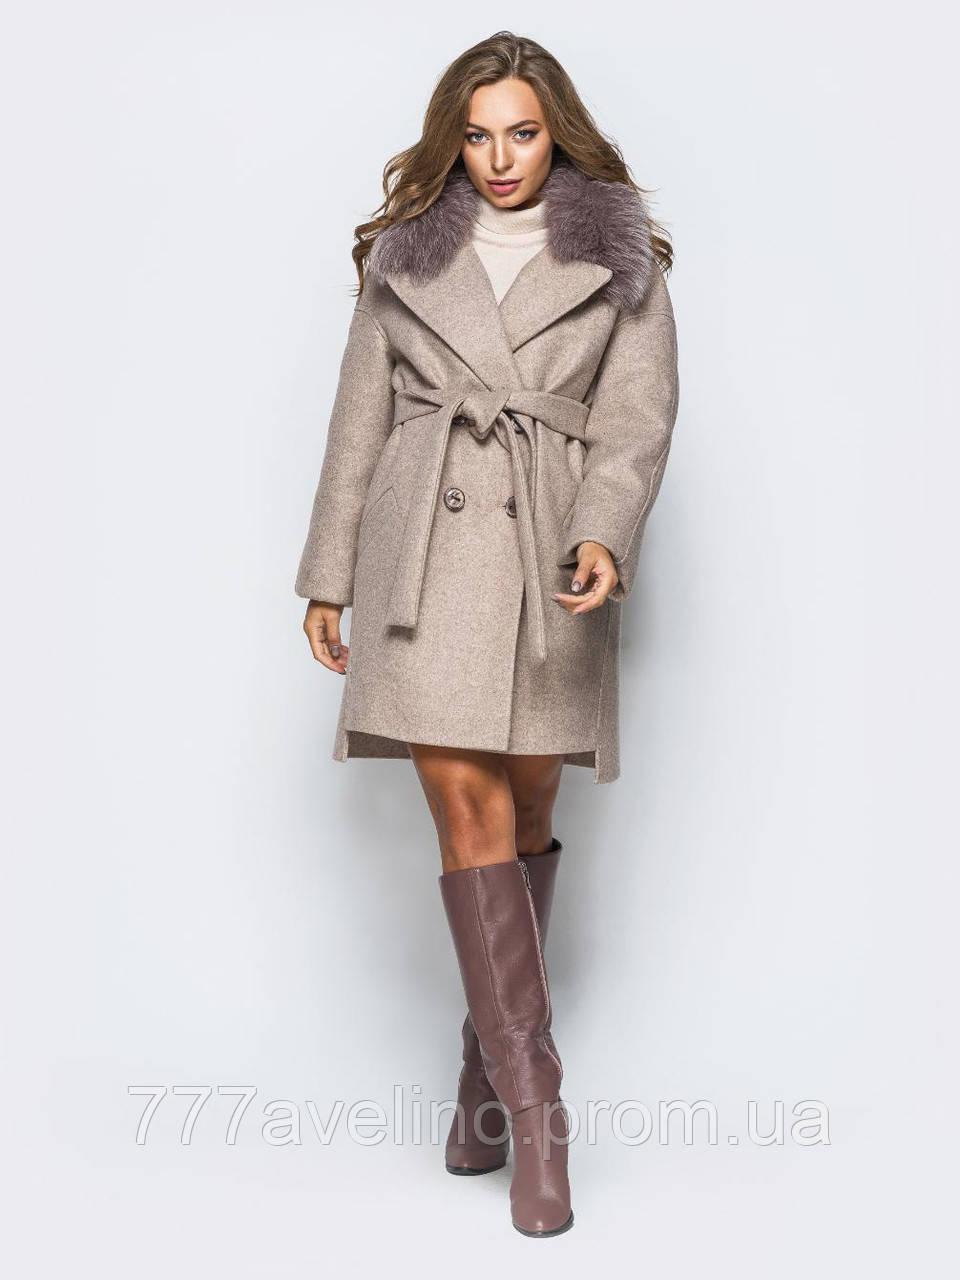 Женское зимнее пальто  модное